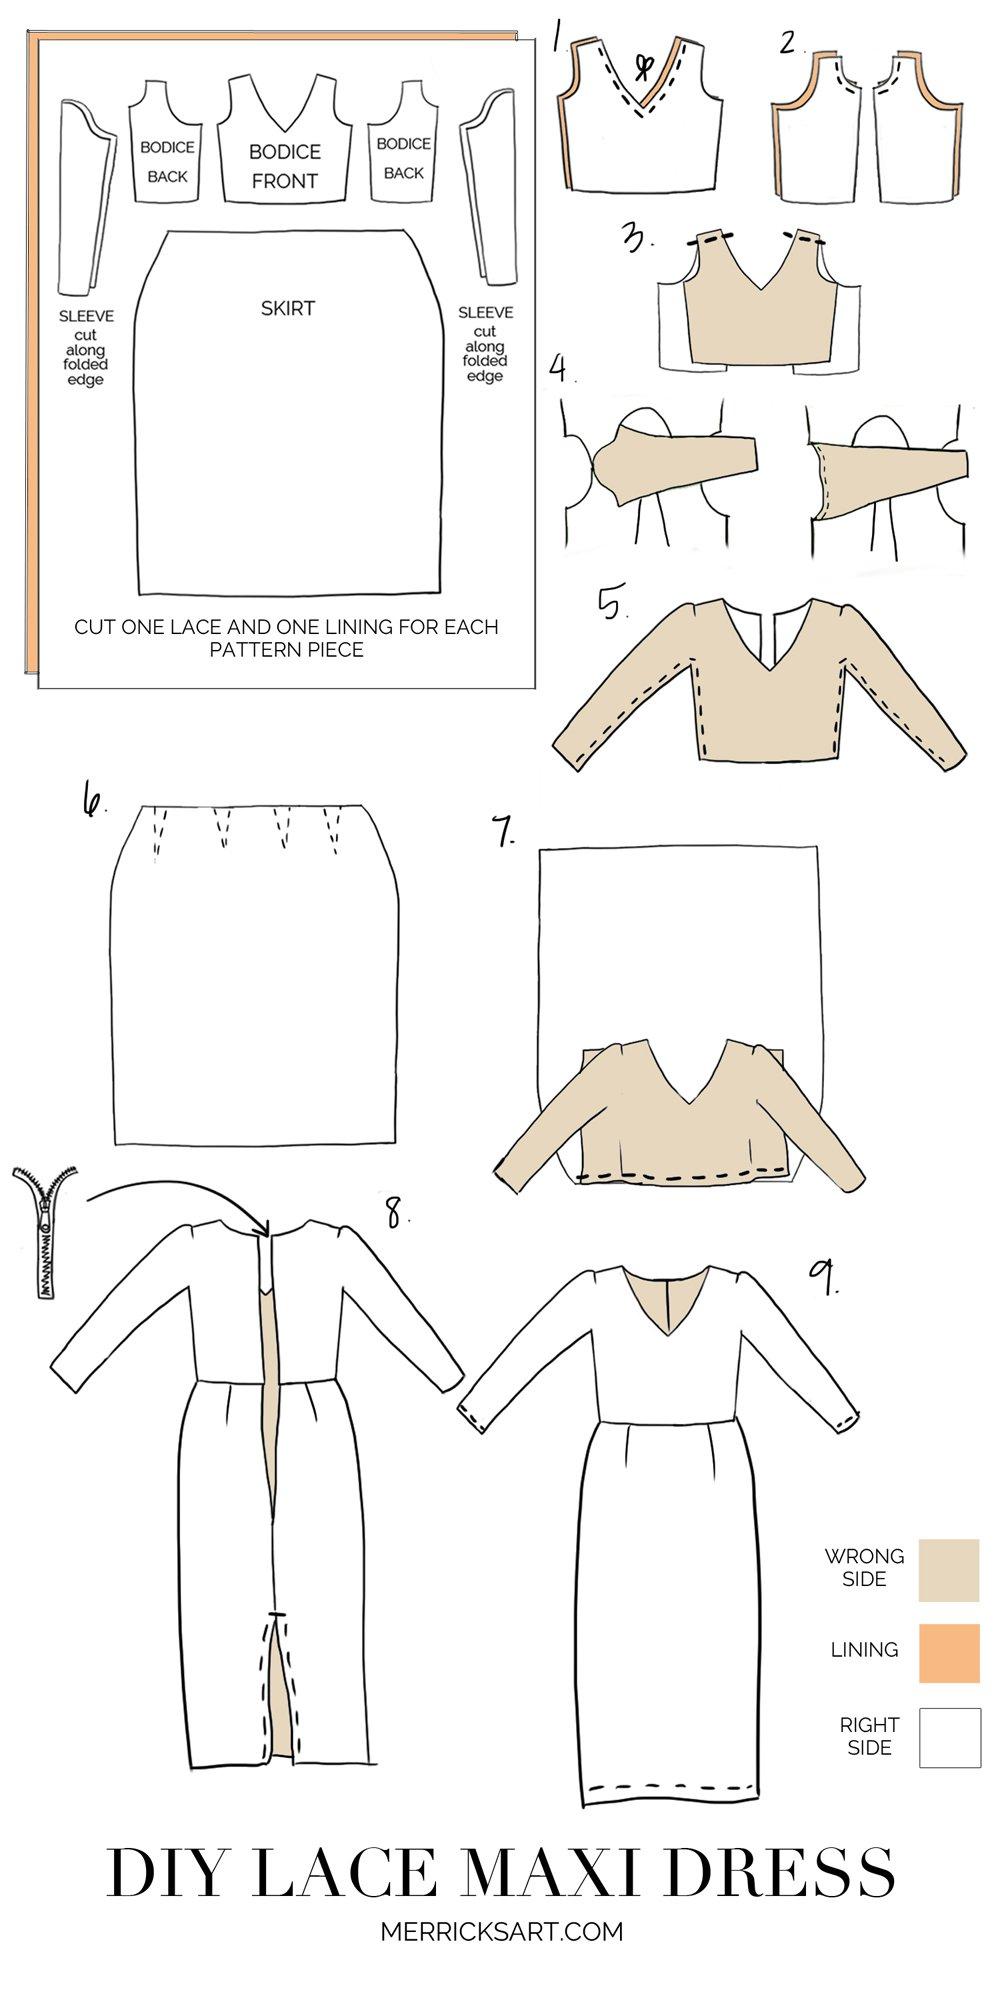 Merrick's Art Lace Maxi Dress Sewing Tutorial